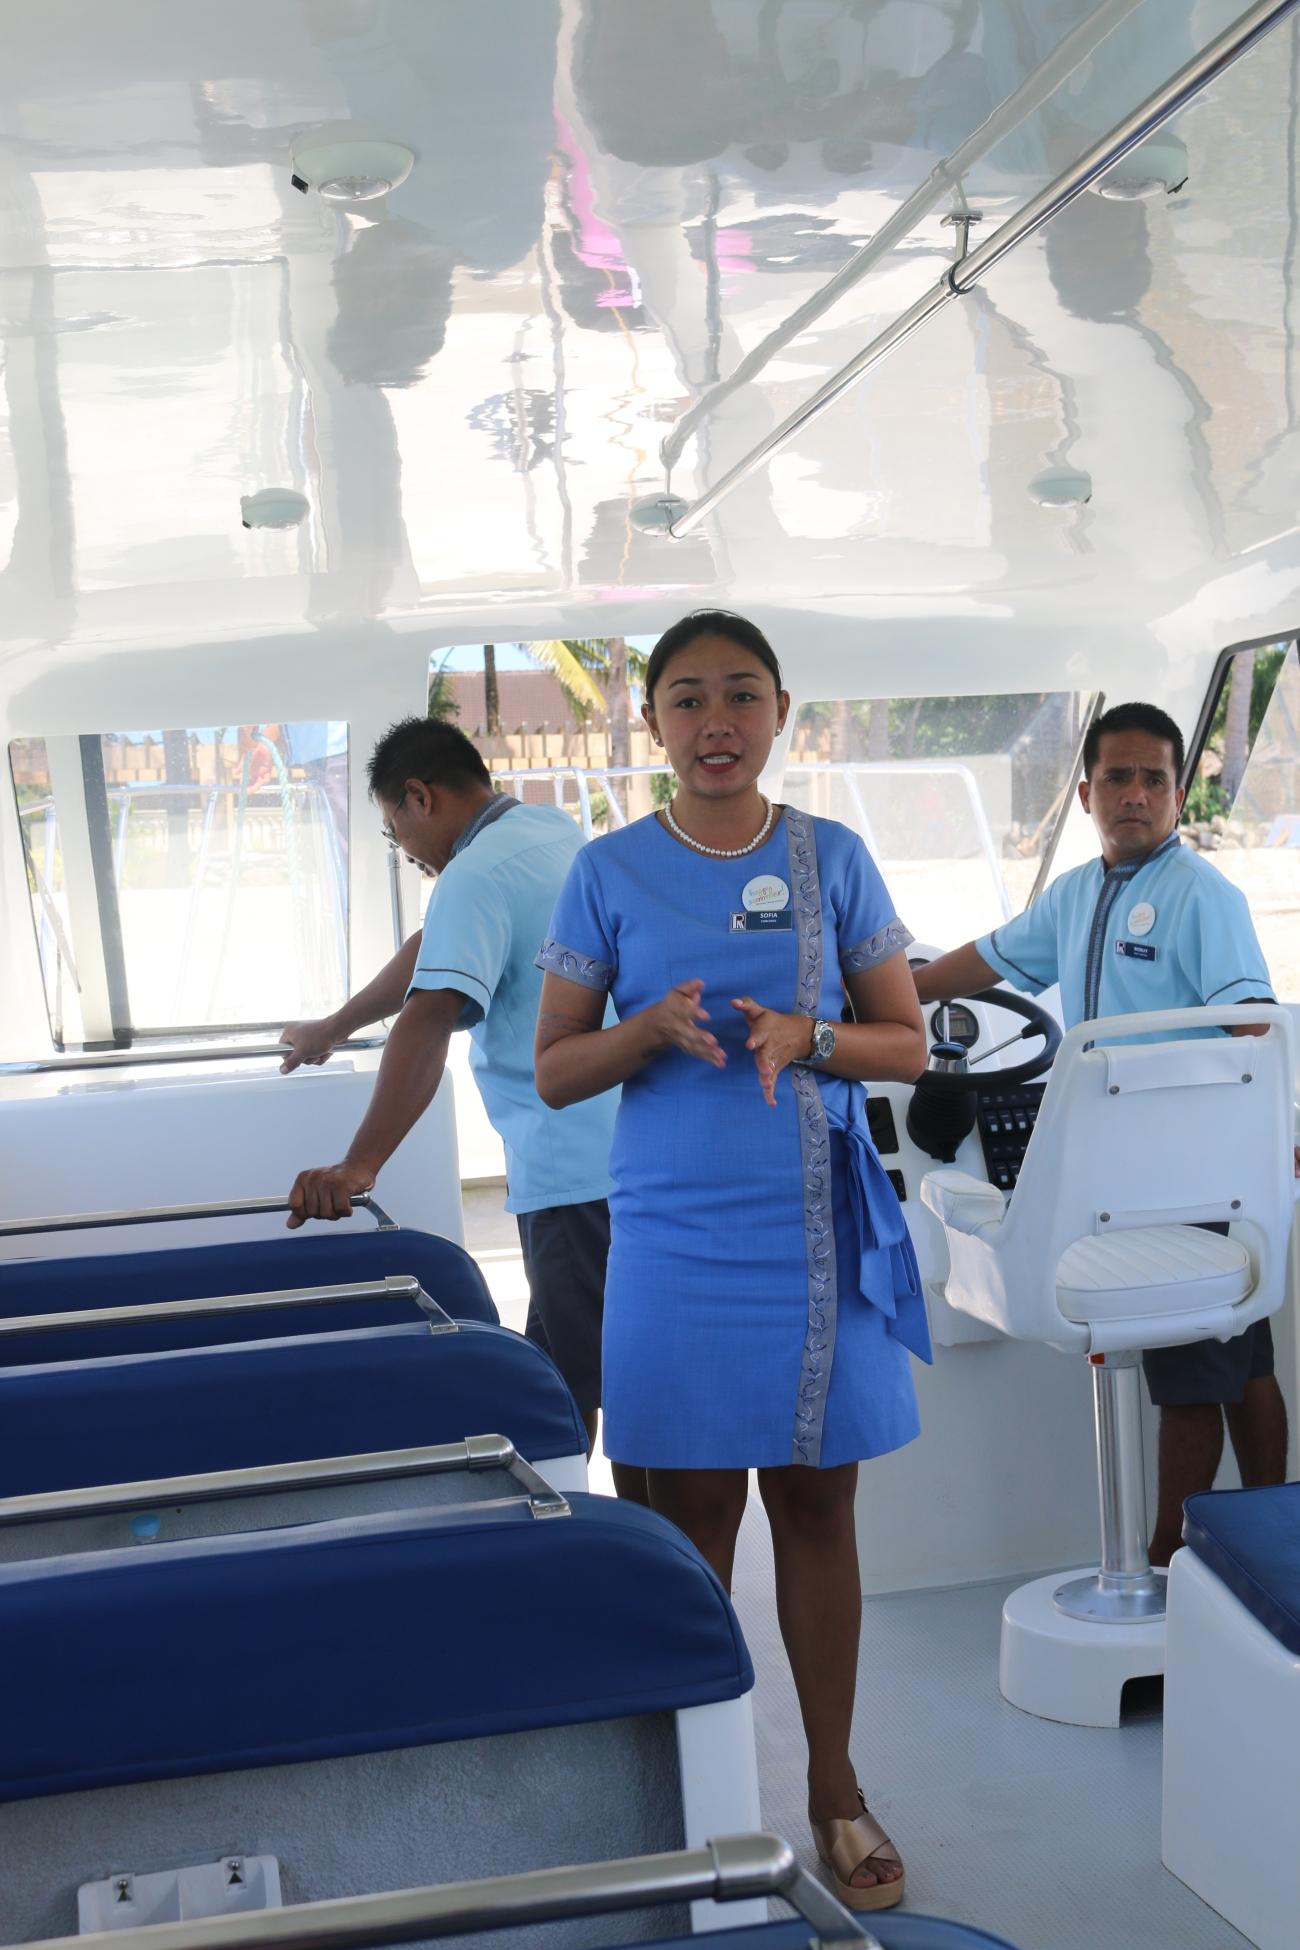 boat usherettes